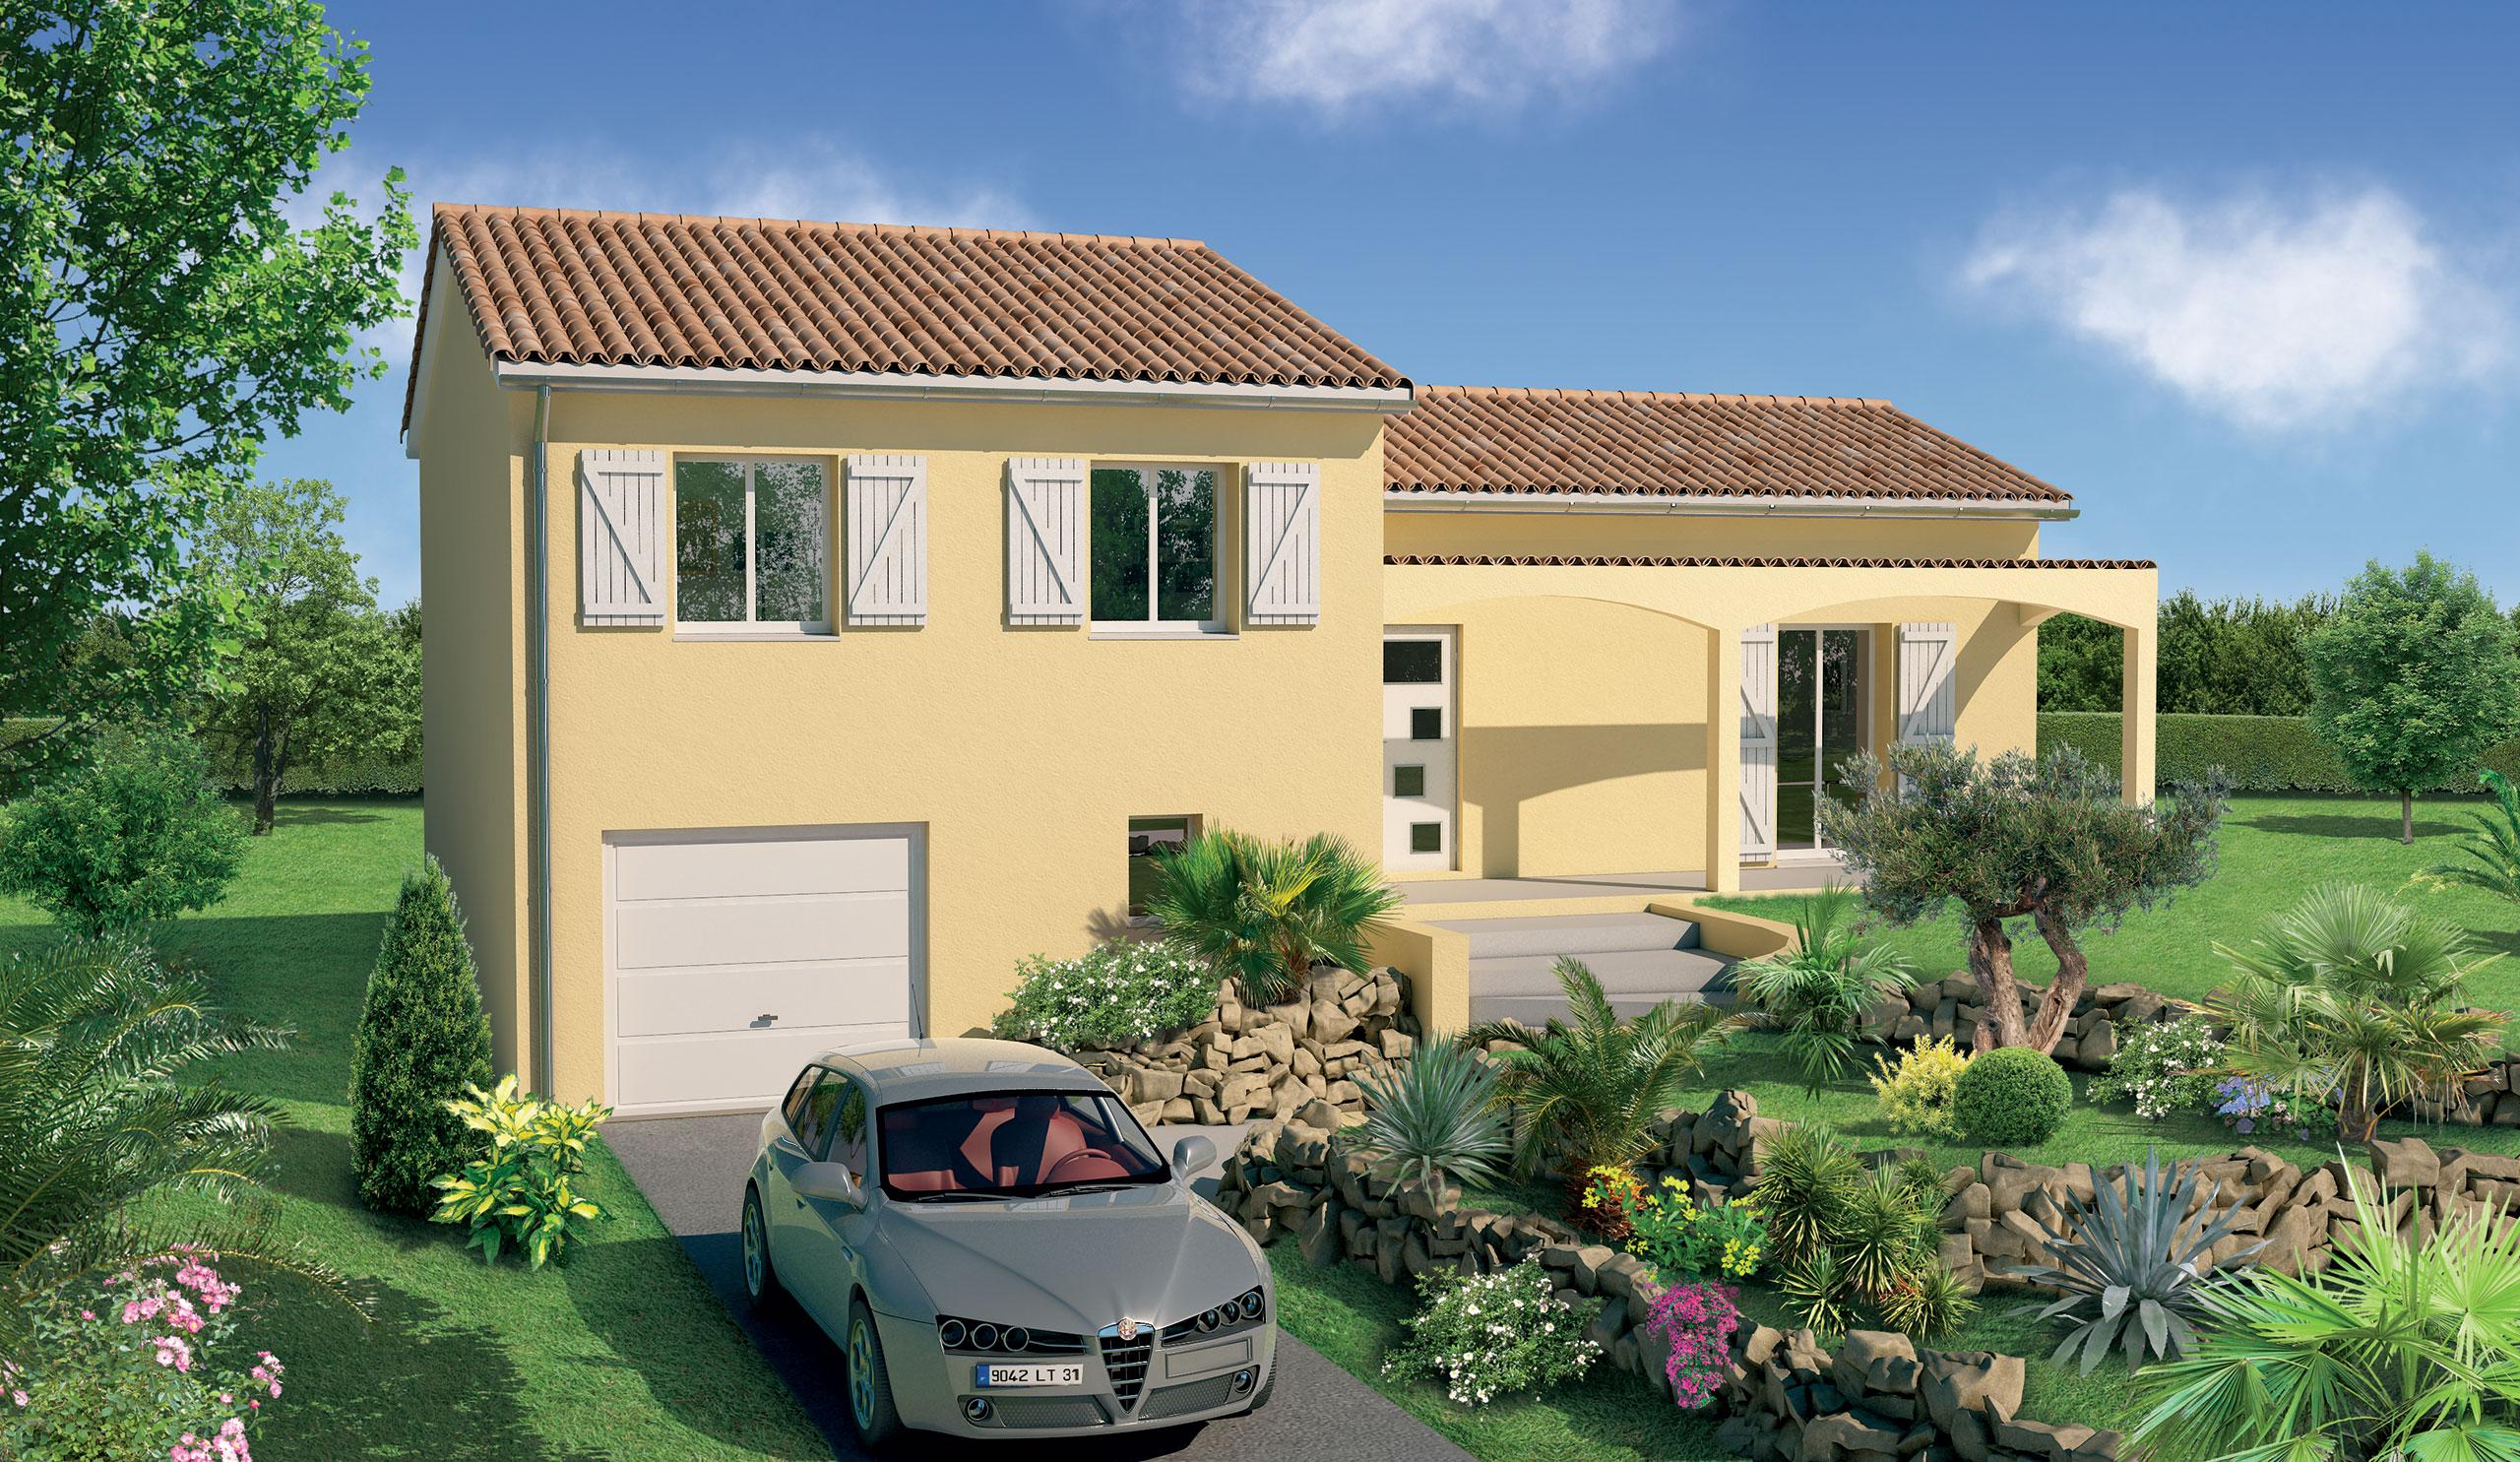 Ancien Modele Maison Traditionnelle Tilleul Demeures D Occitanie Constructeur Maison Neuve Occitanie Region Sud